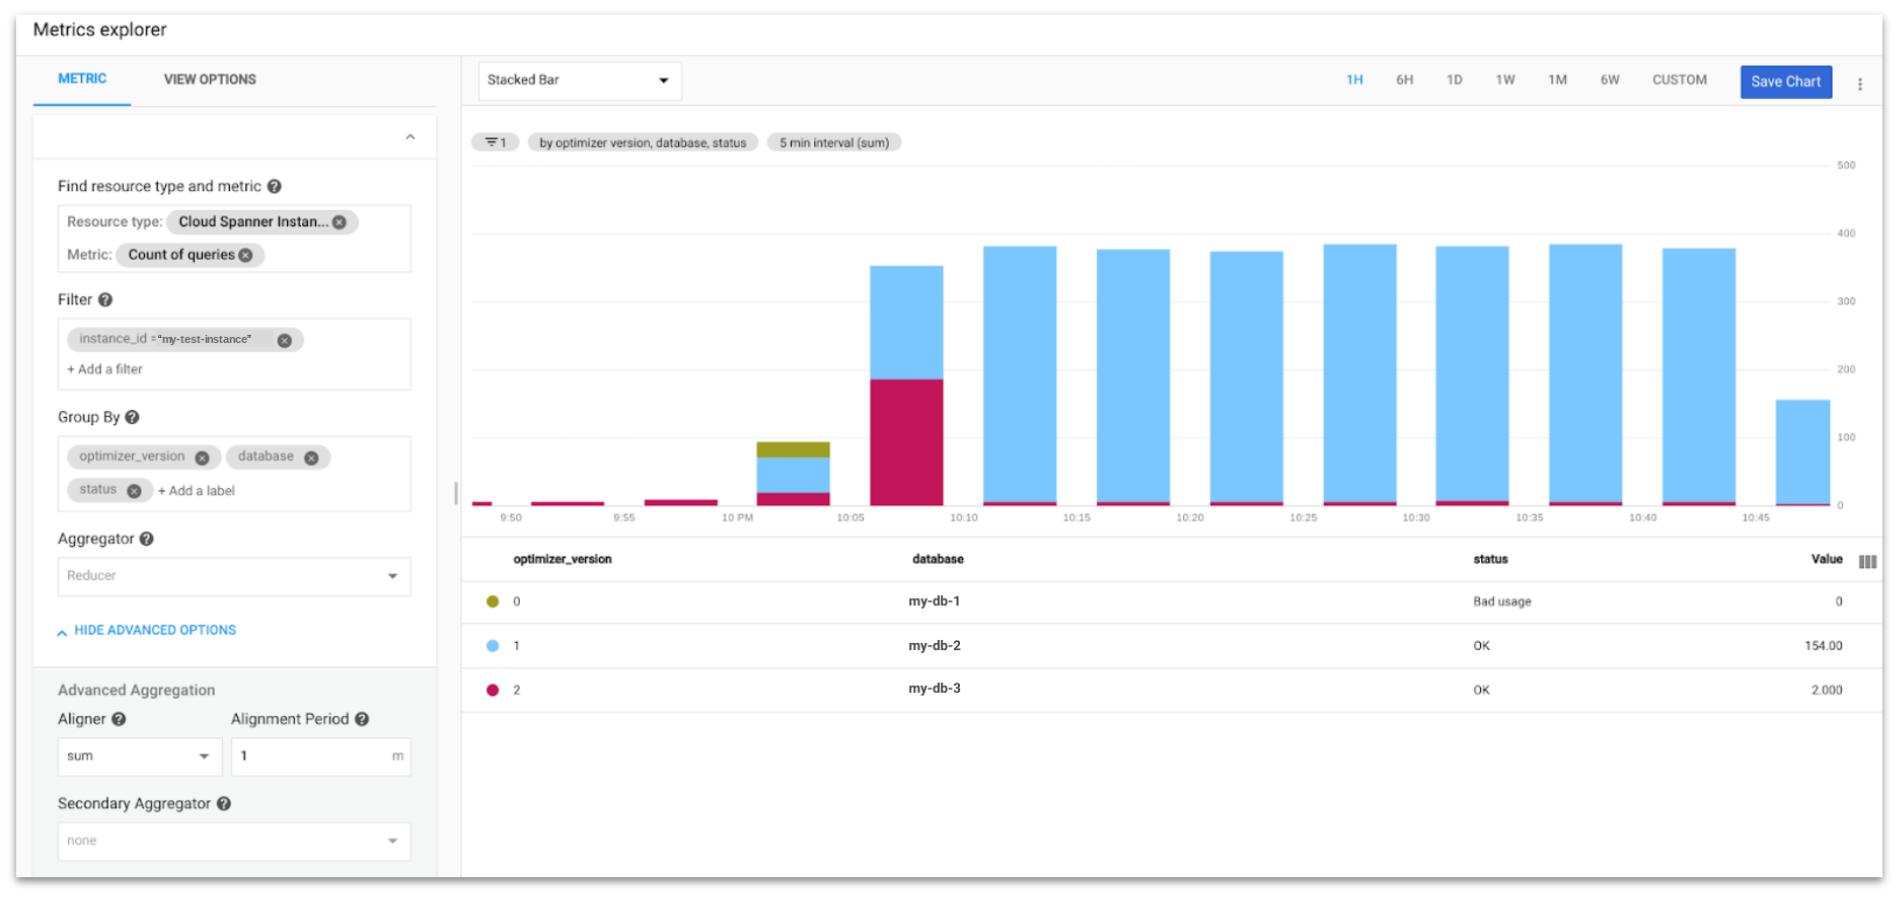 クエリ オプティマイザーのバージョン別にグループ化された Metrics Explorer でのクエリ数